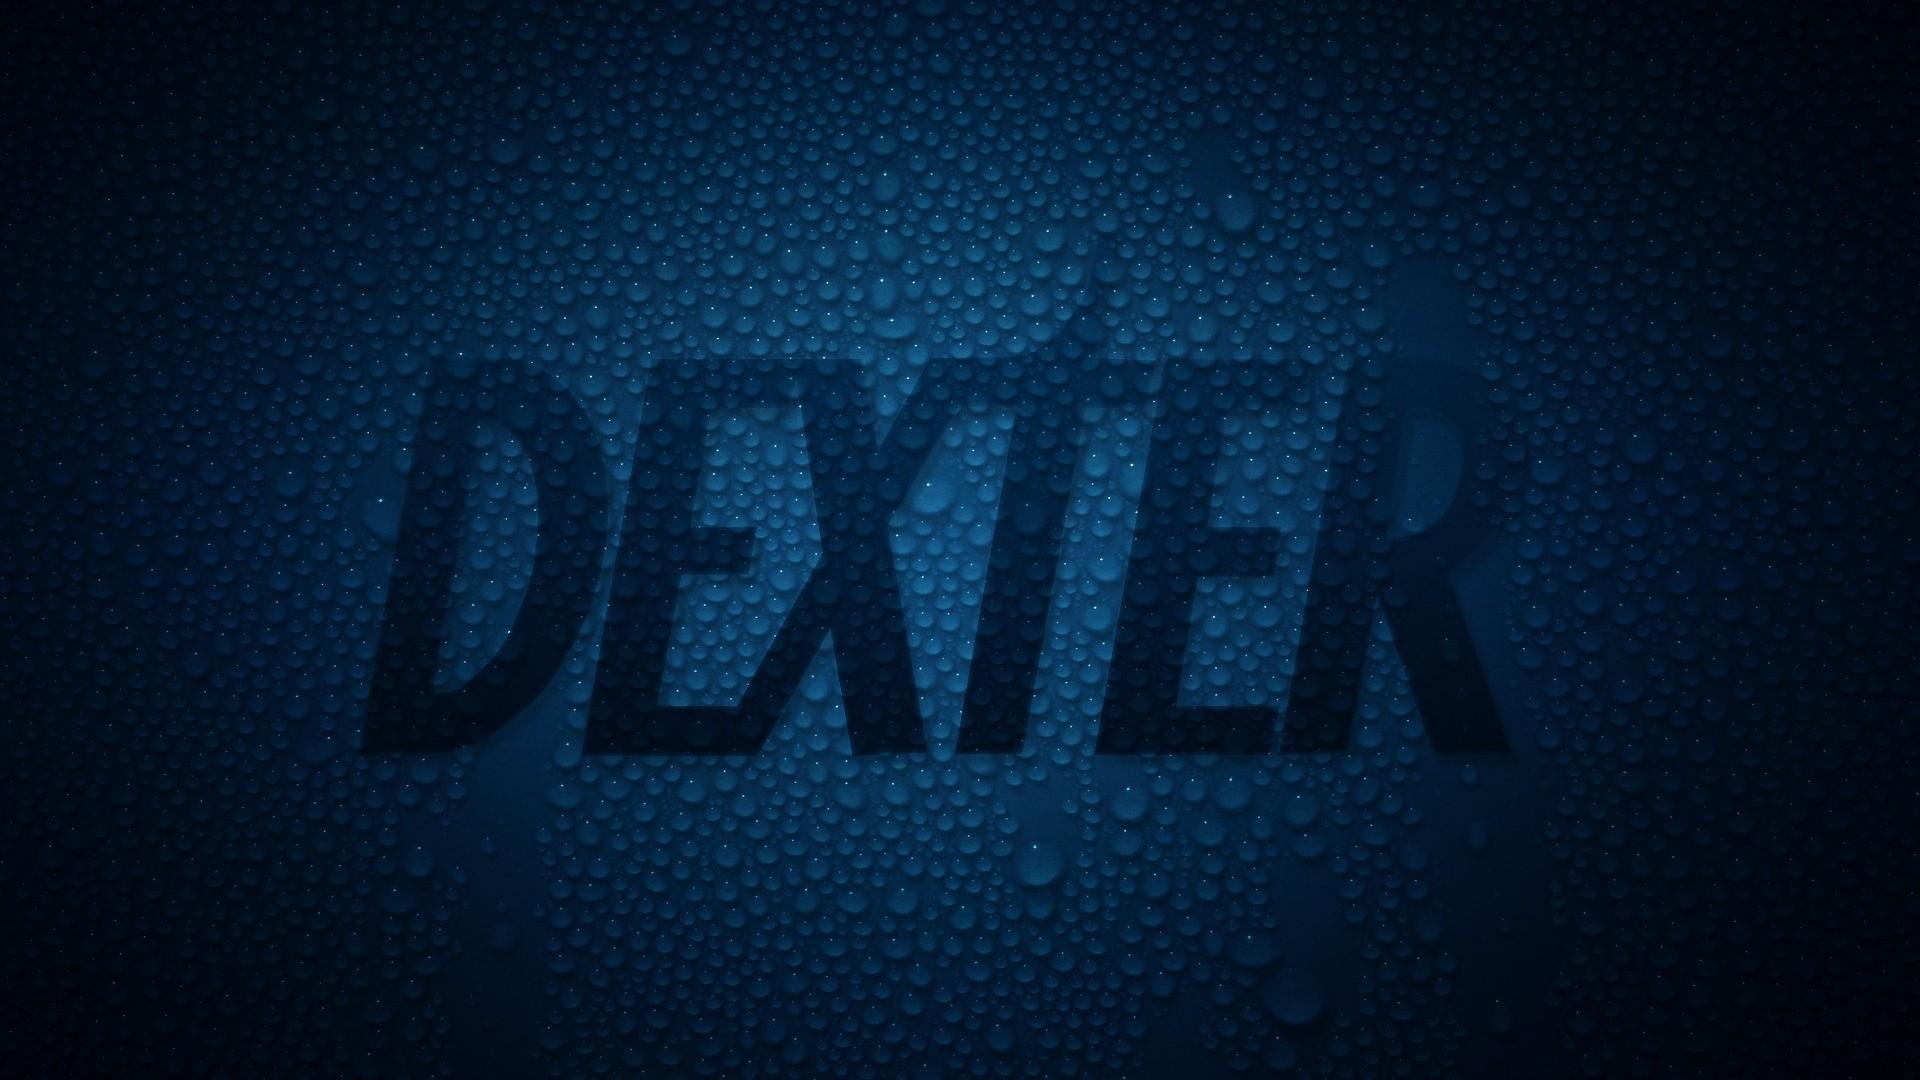 Wallpaper dexter, sign, drawing, drop